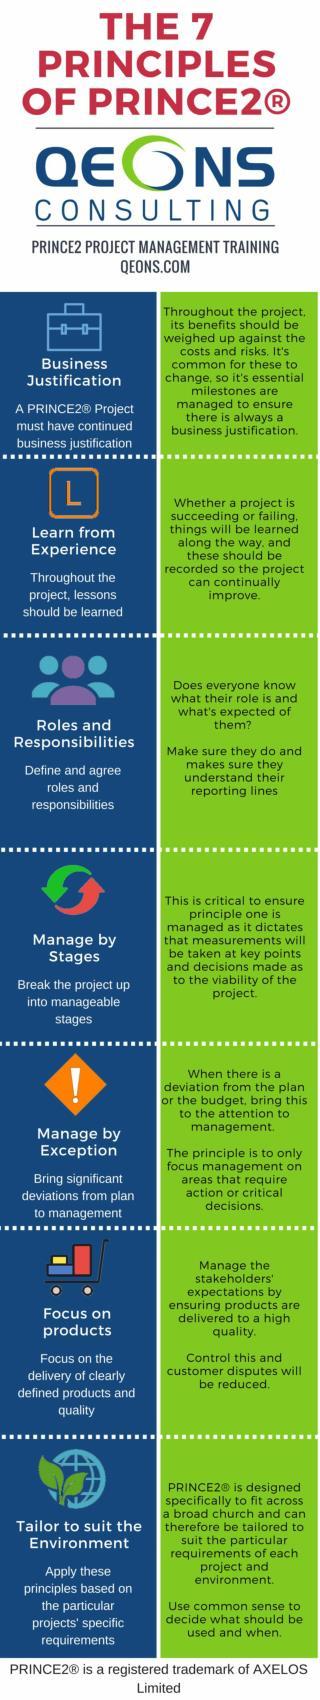 The 7 Principles of PRINCE2